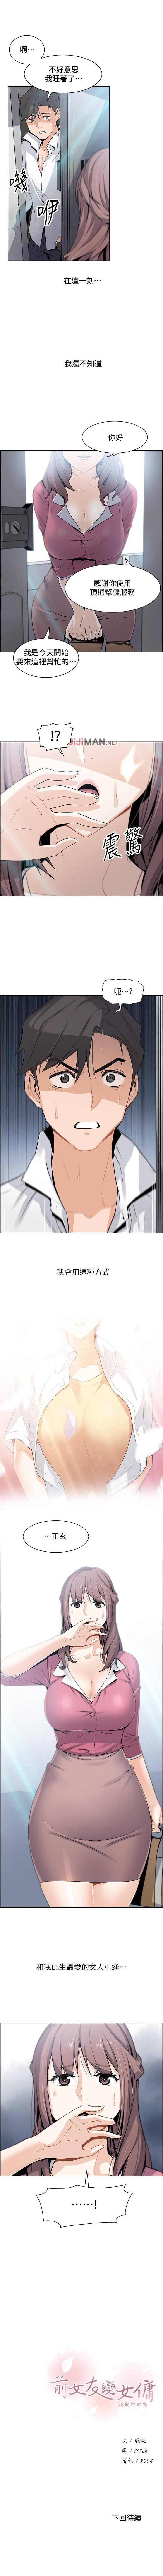 【周四连载】前女友变女佣(作者:PAPER&頸枕) 第1~33话 61